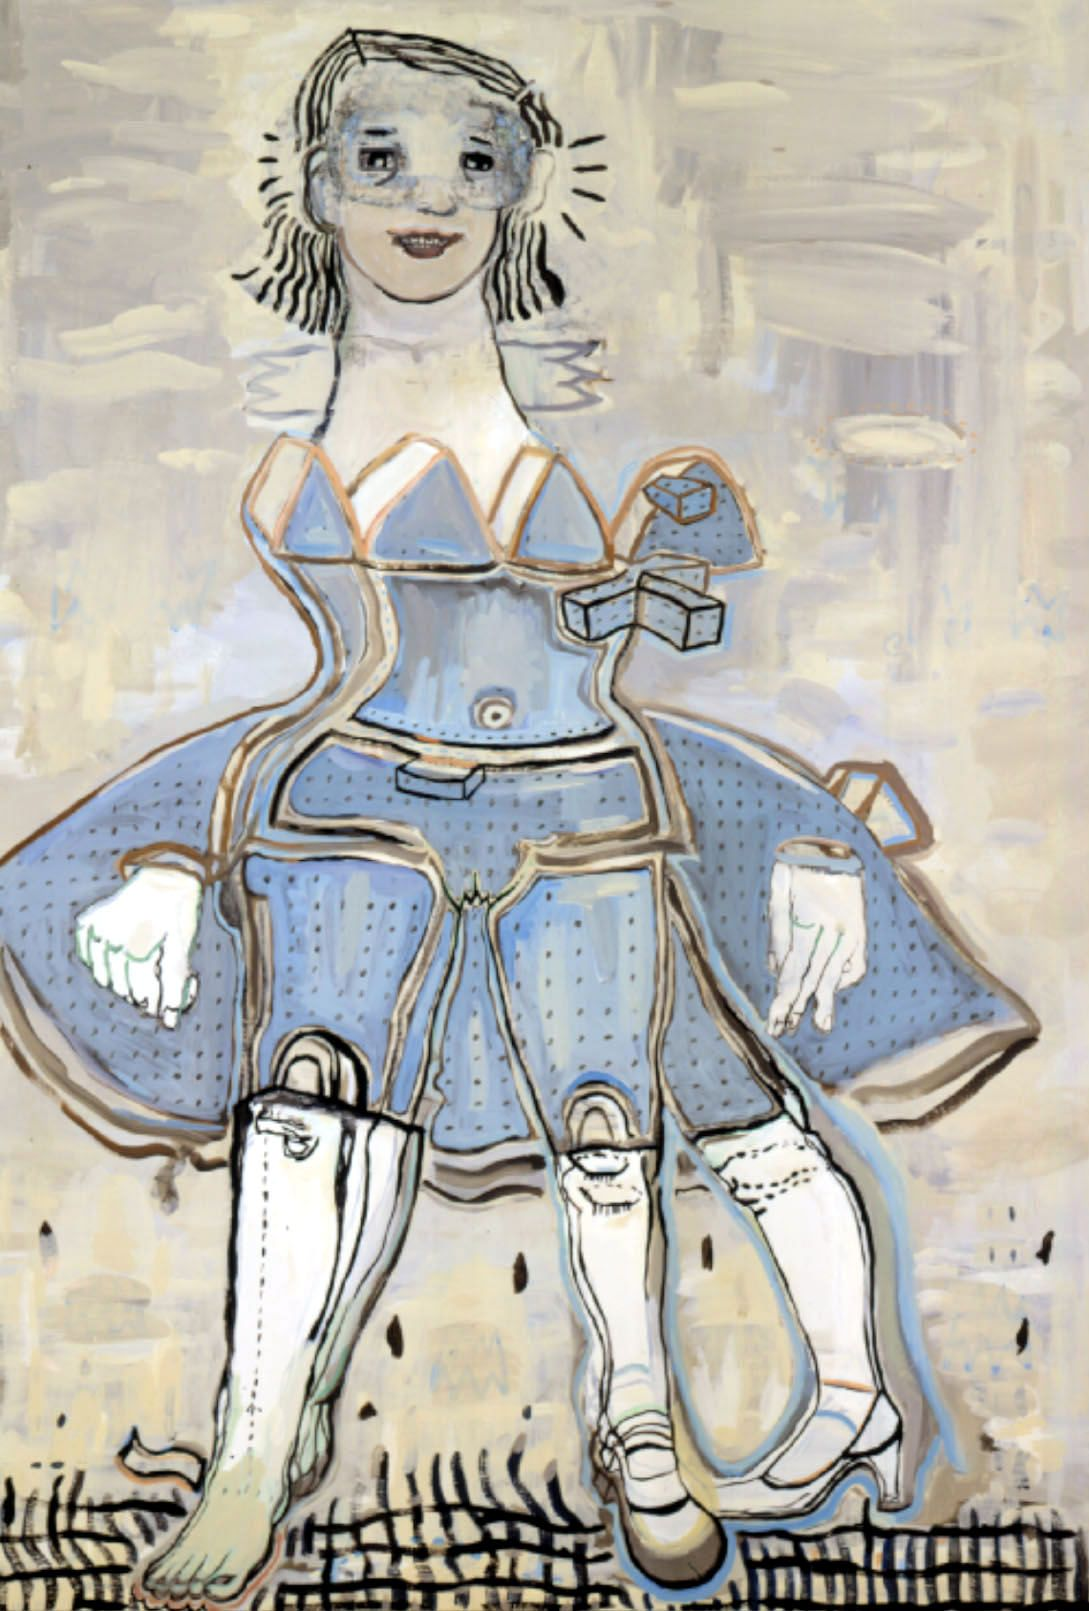 Thin Air, 2004, Acrylic on canvas